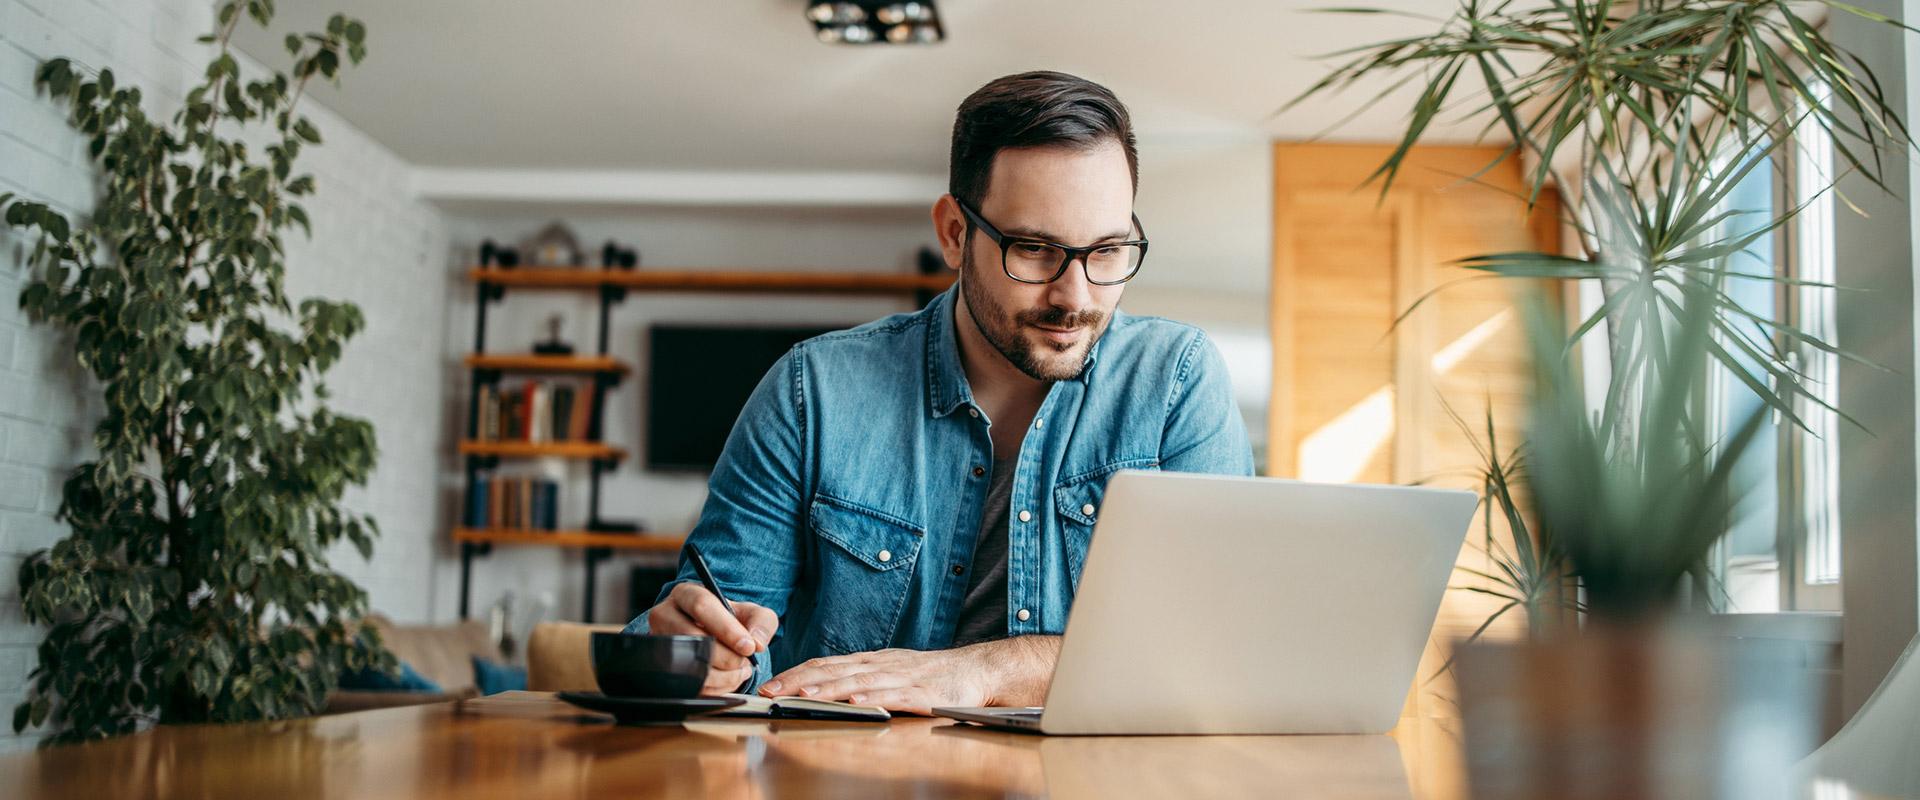 man on laptop taking notes